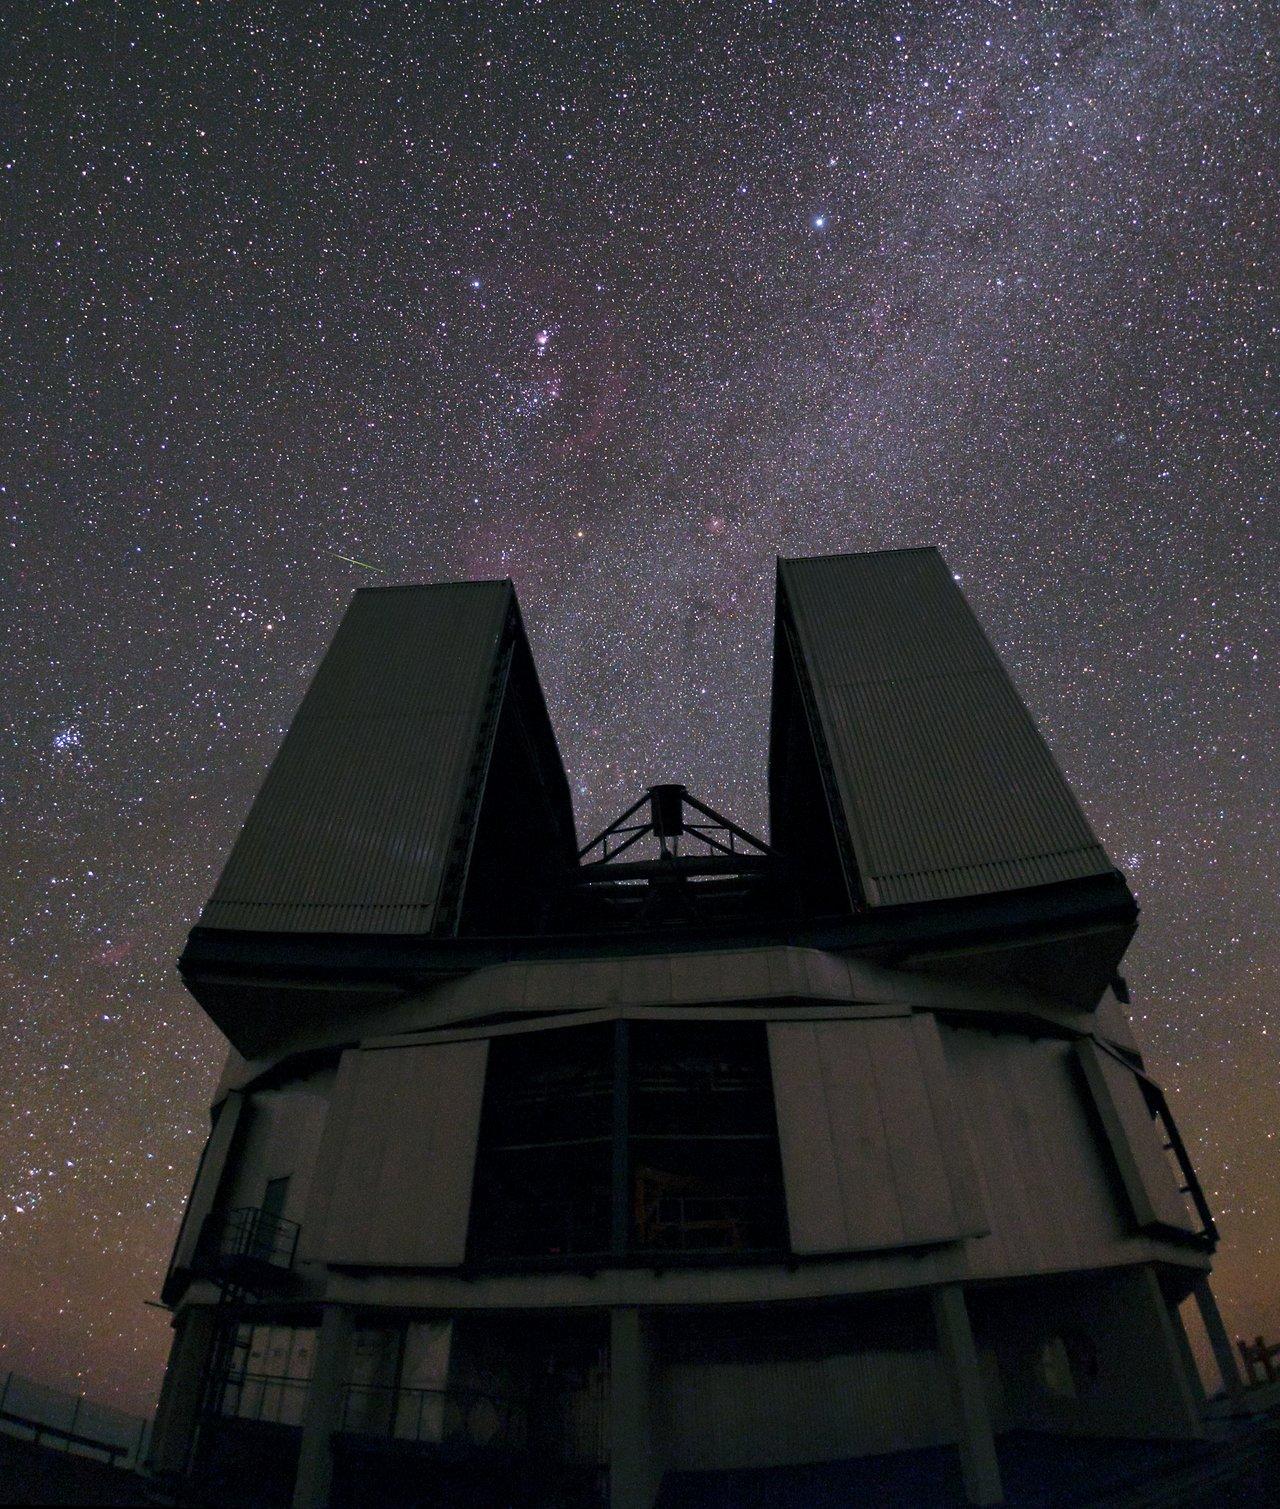 Off the shoulder of Orion